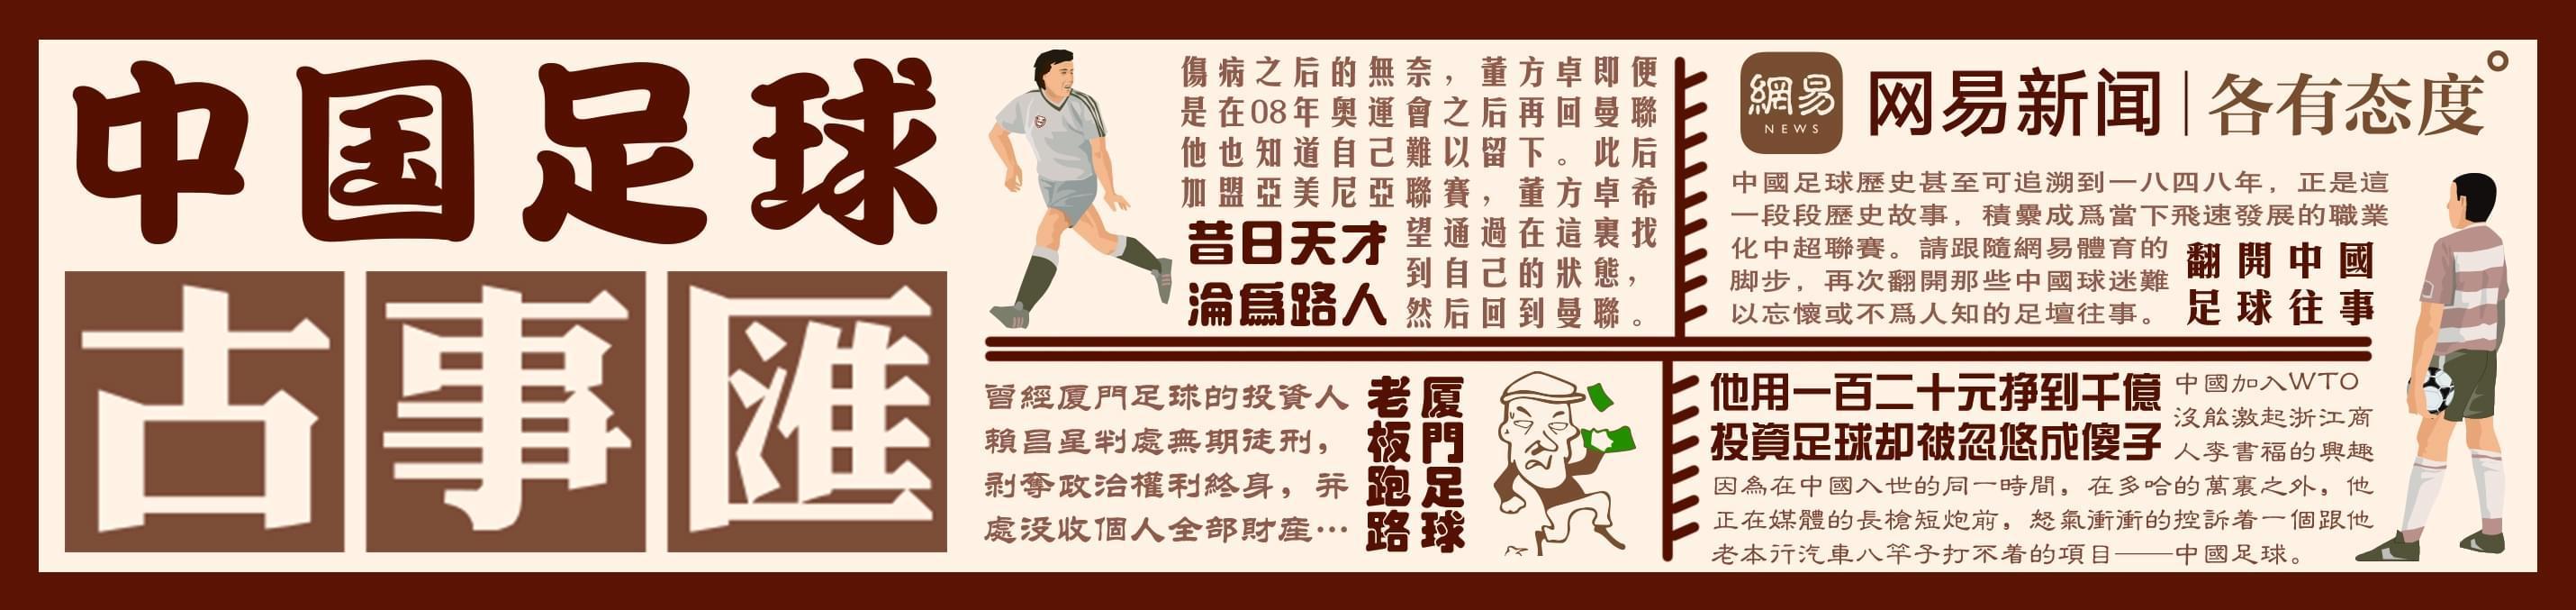 他靠120元挣到千亿 收购沃尔沃震惊世界 却被中国足球玩了